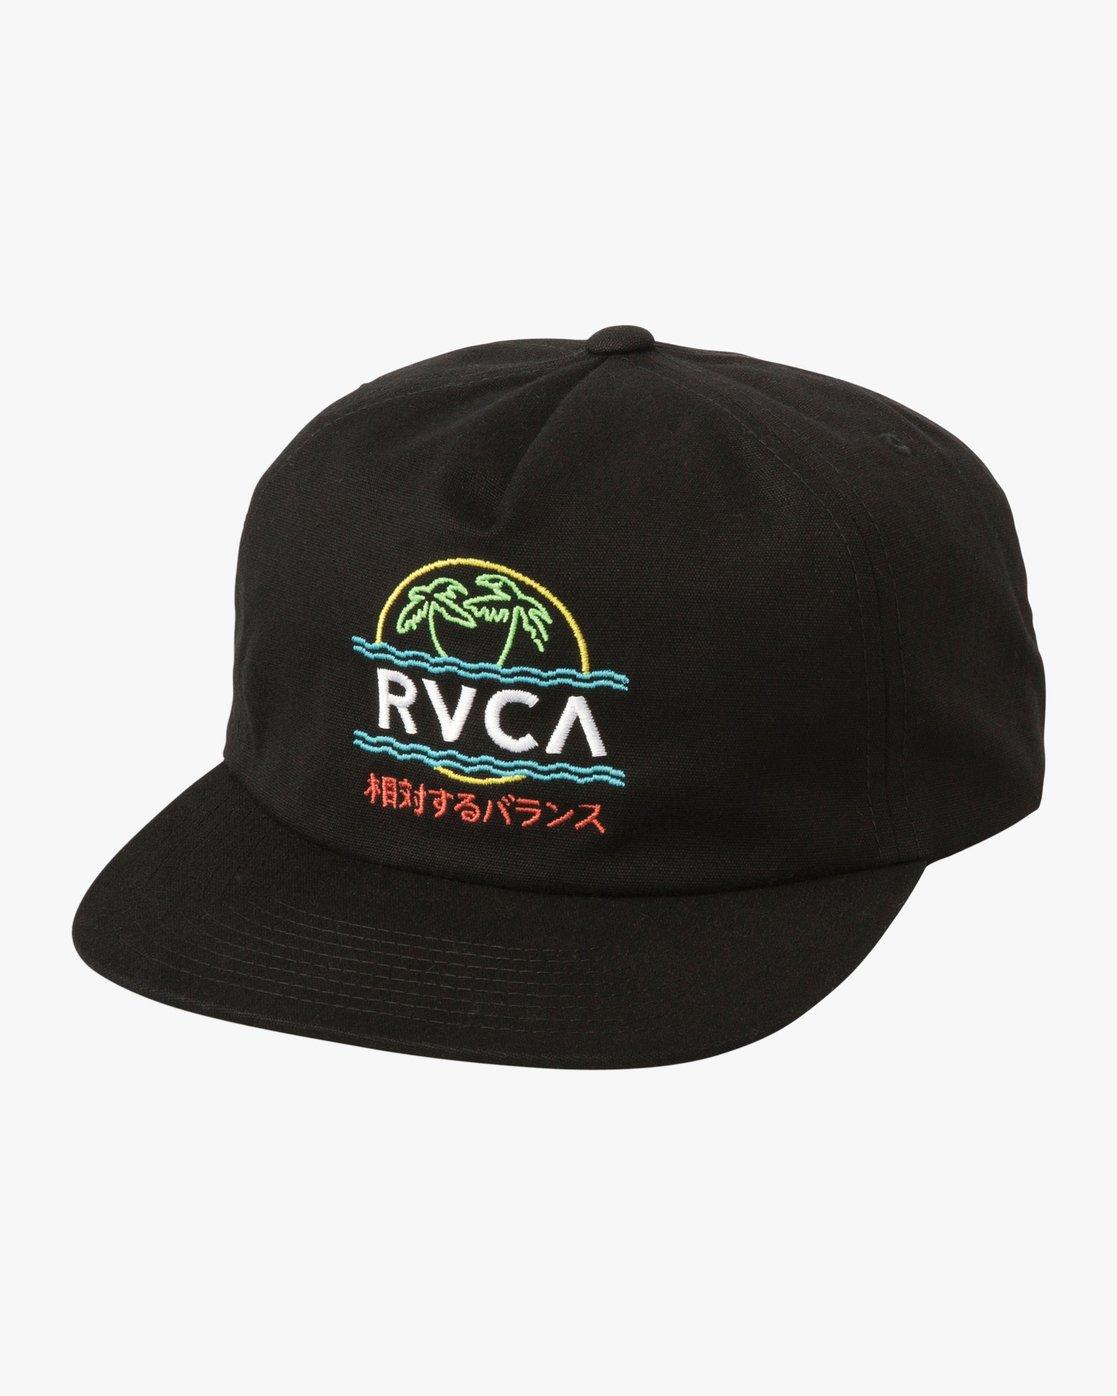 0 Vakay Snapback Hat Black MAHWTRVA RVCA f3a26b4dec